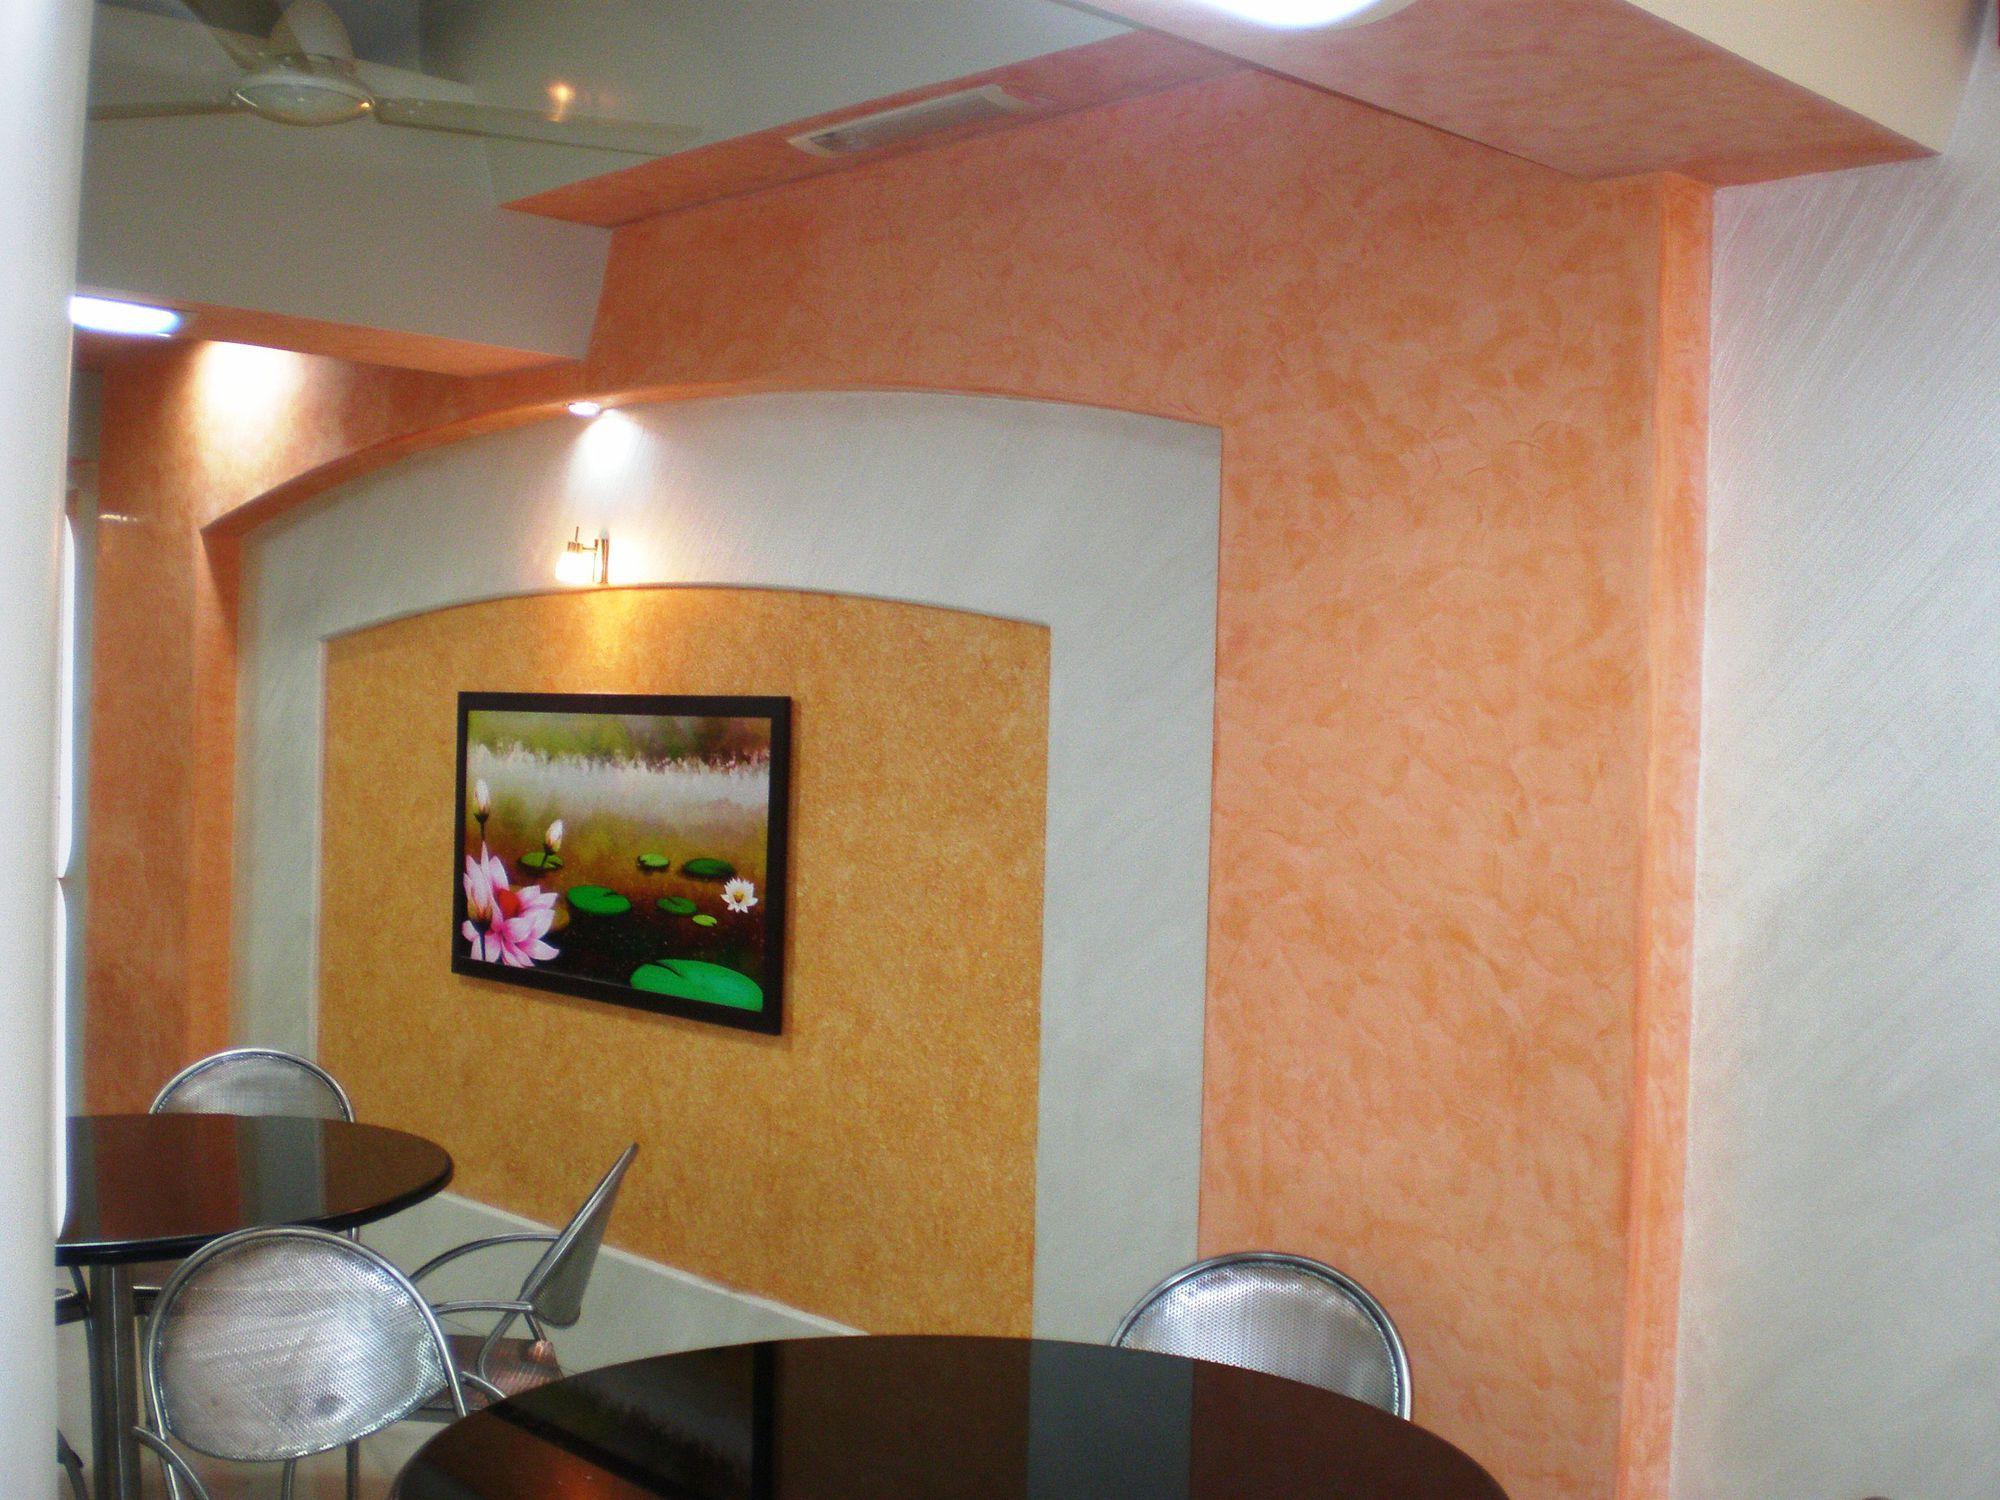 Connu Peinture décorative / pour mur / intérieure / acrylique - ARTECO  RY54